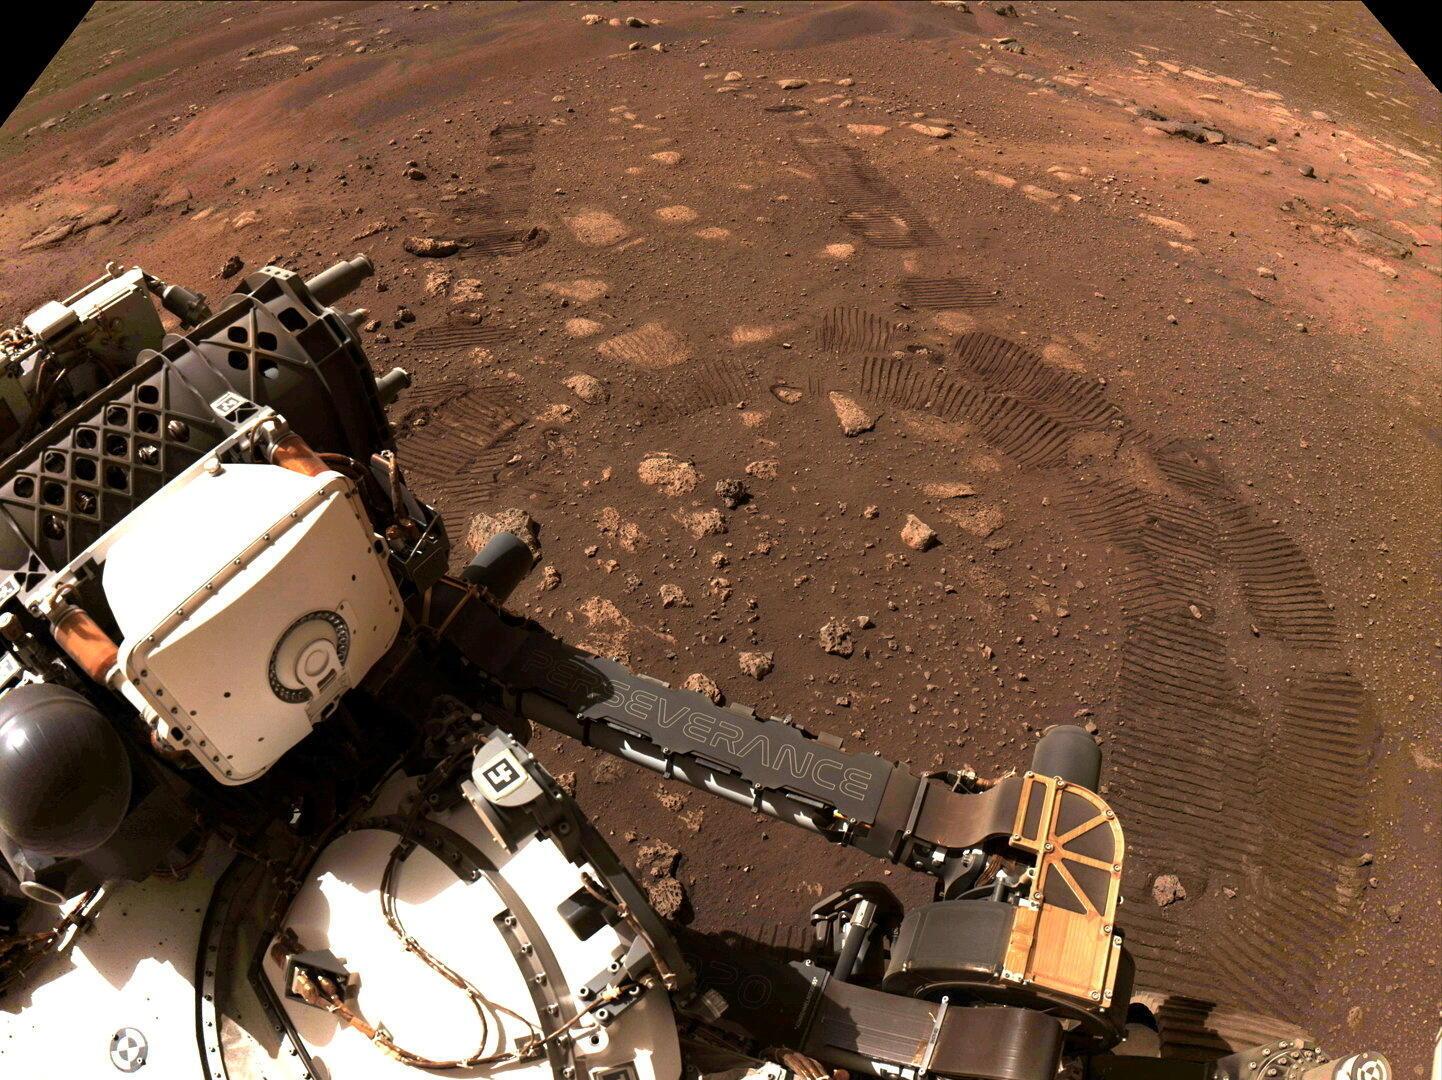 2021-09-08T021011Z_845536351_RC2ELP9QVW38_RTRMADP_3_SPACE-EXPLORATION-MARS